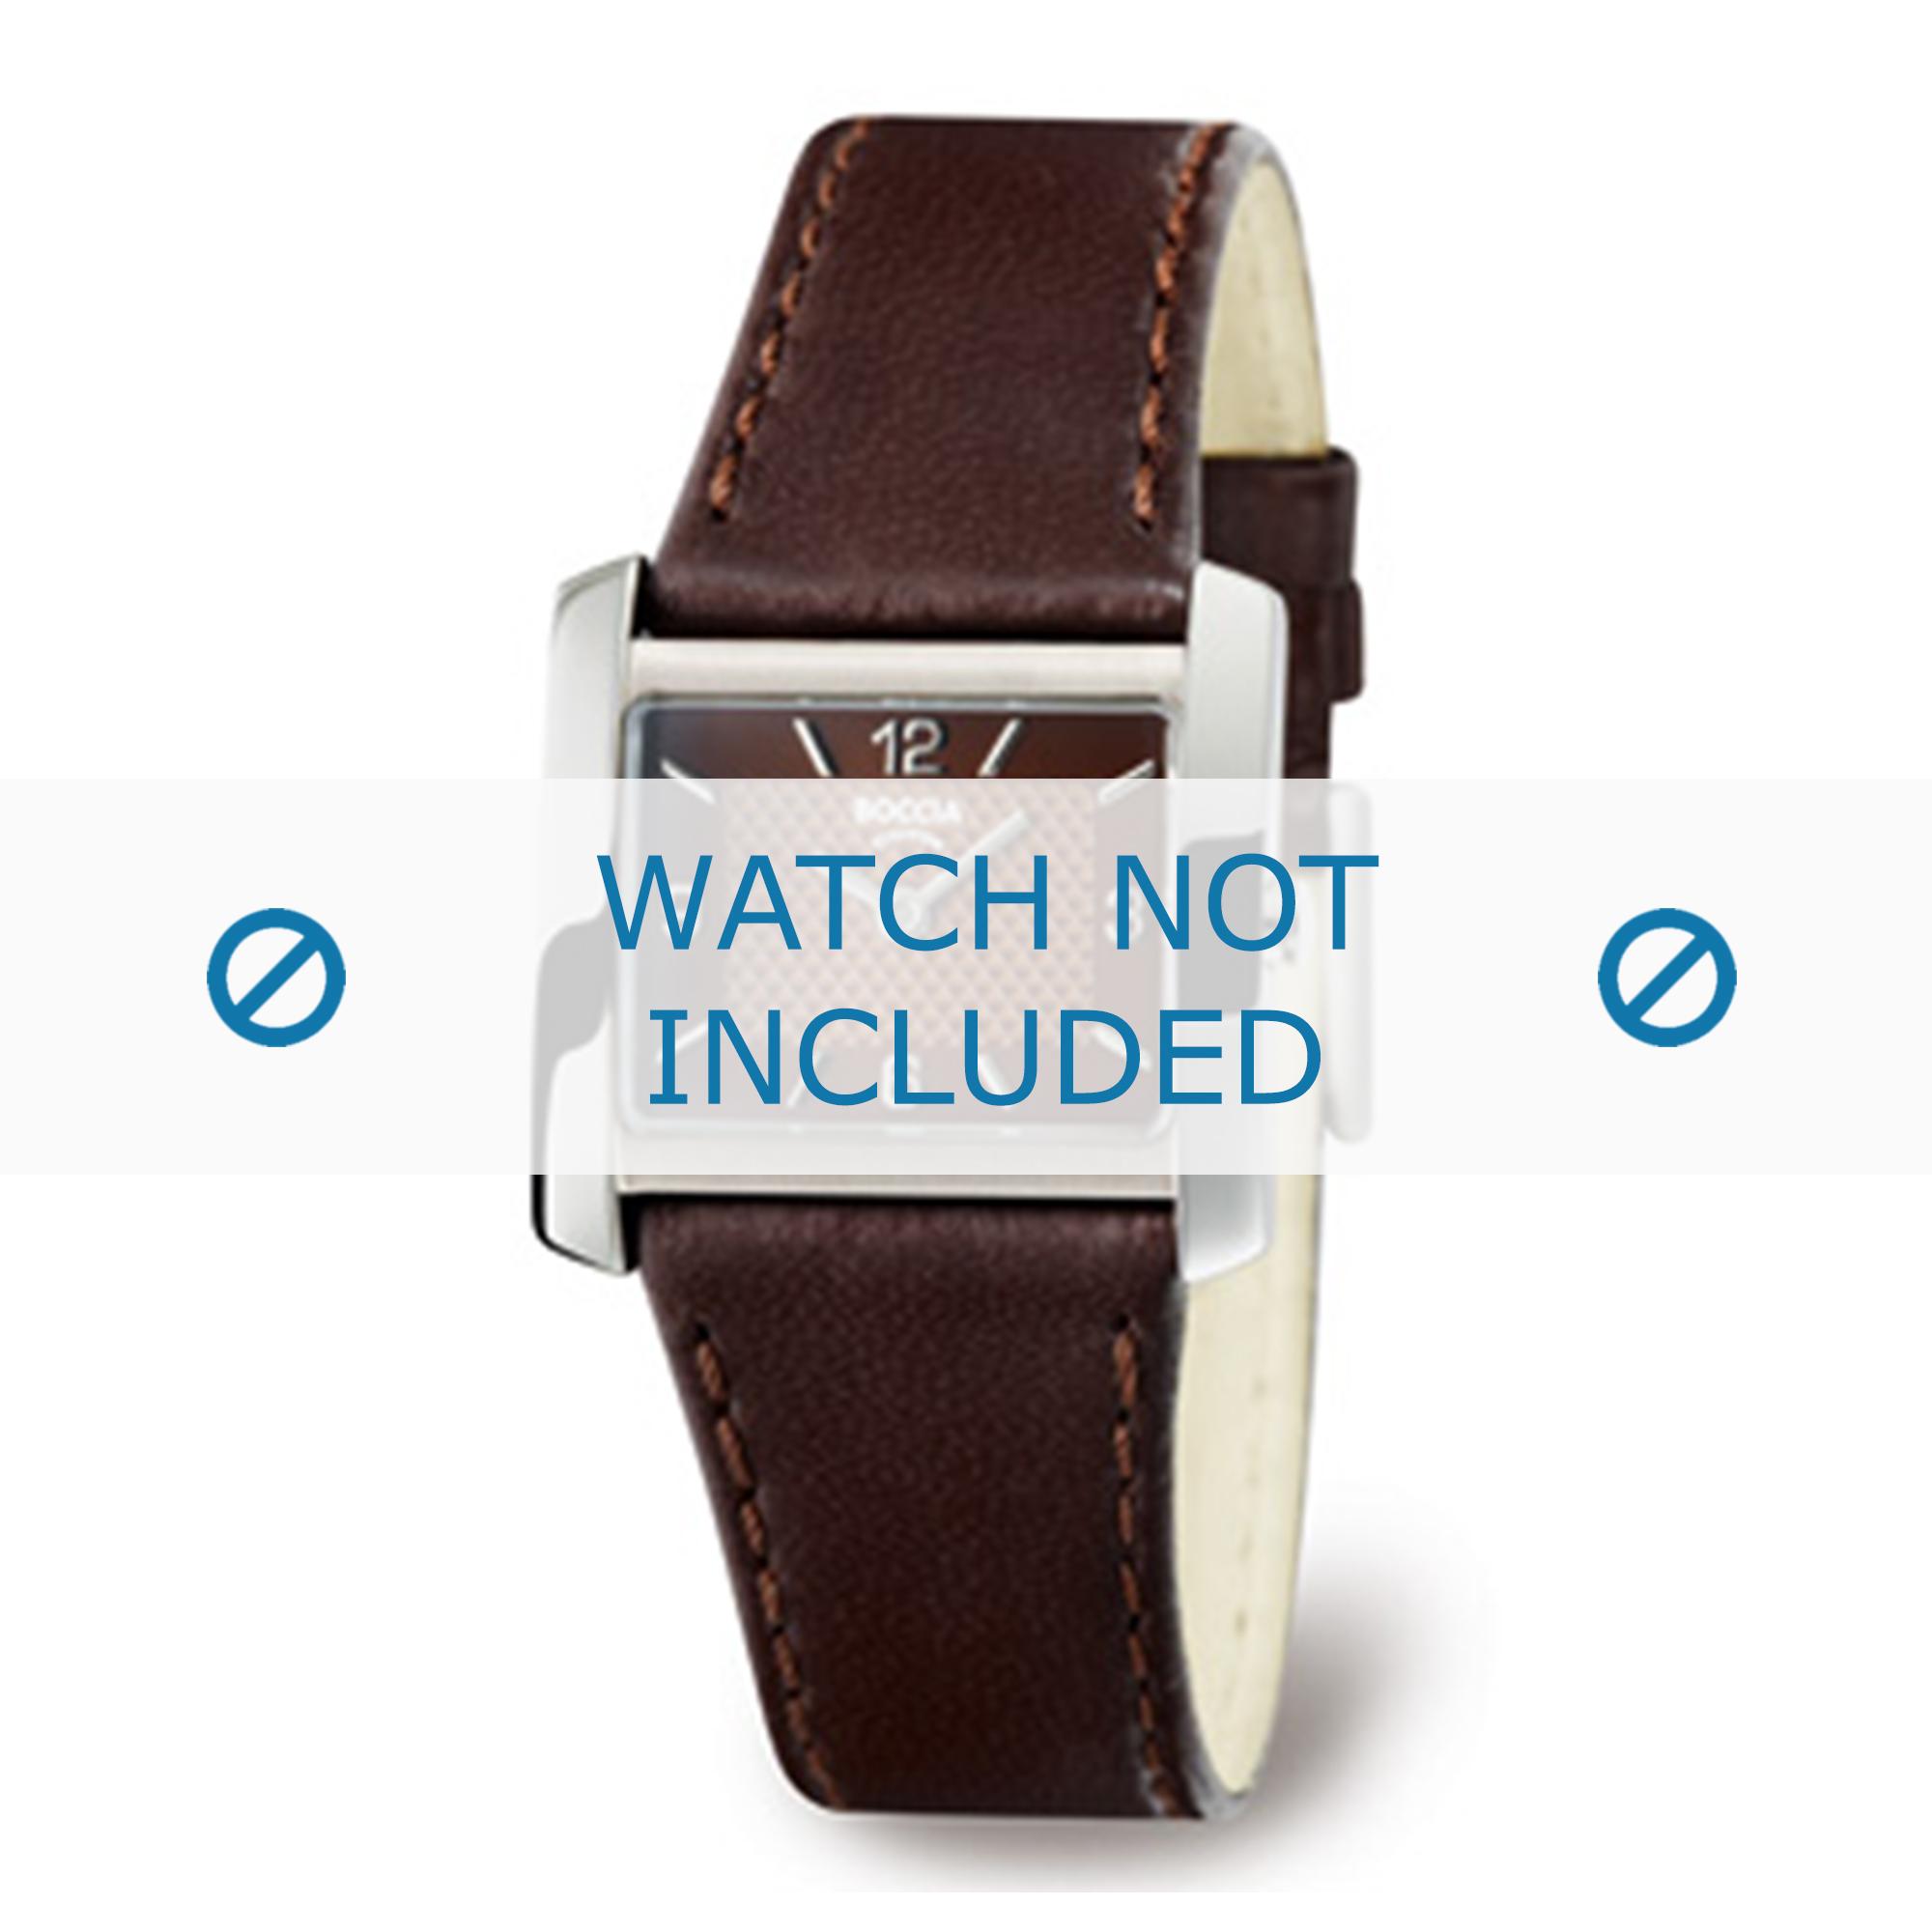 Boccia klockarmband 3155-02-BO3155-02-40 Läder Brun 22mm + sömmar brun